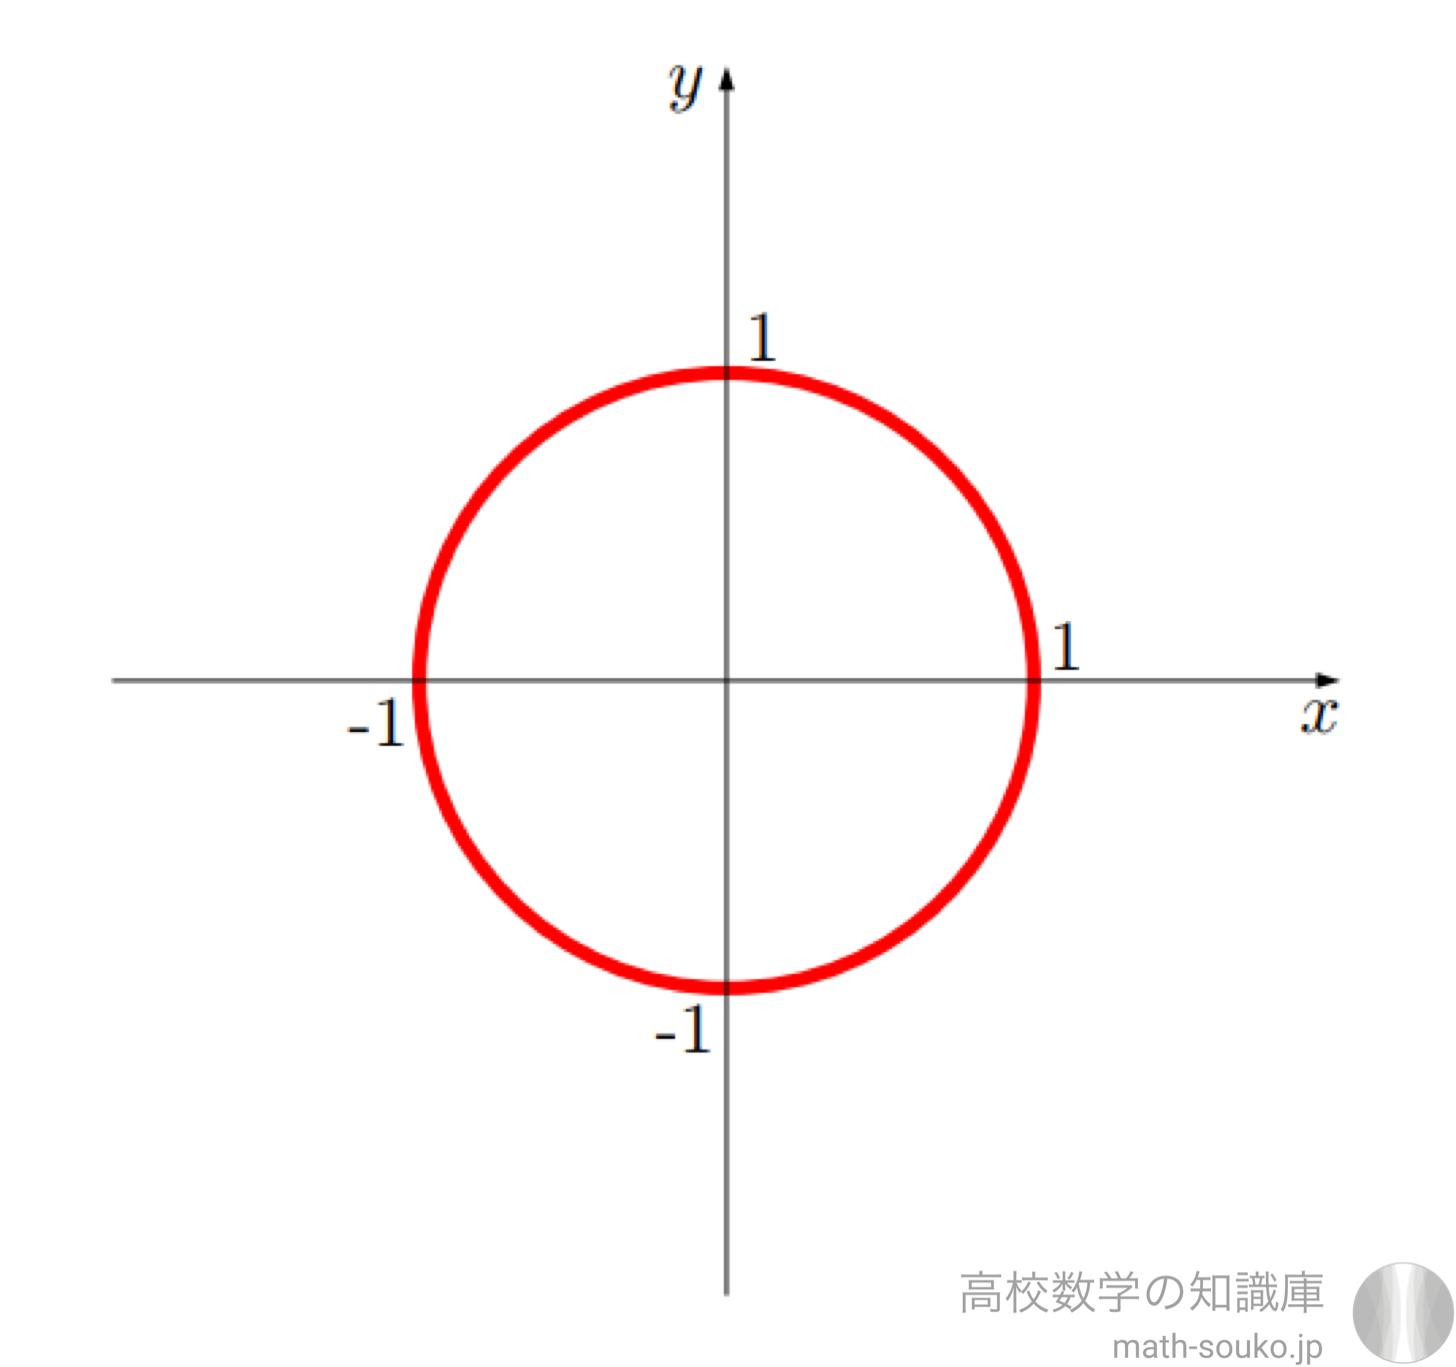 三角関数の最大値と最小値